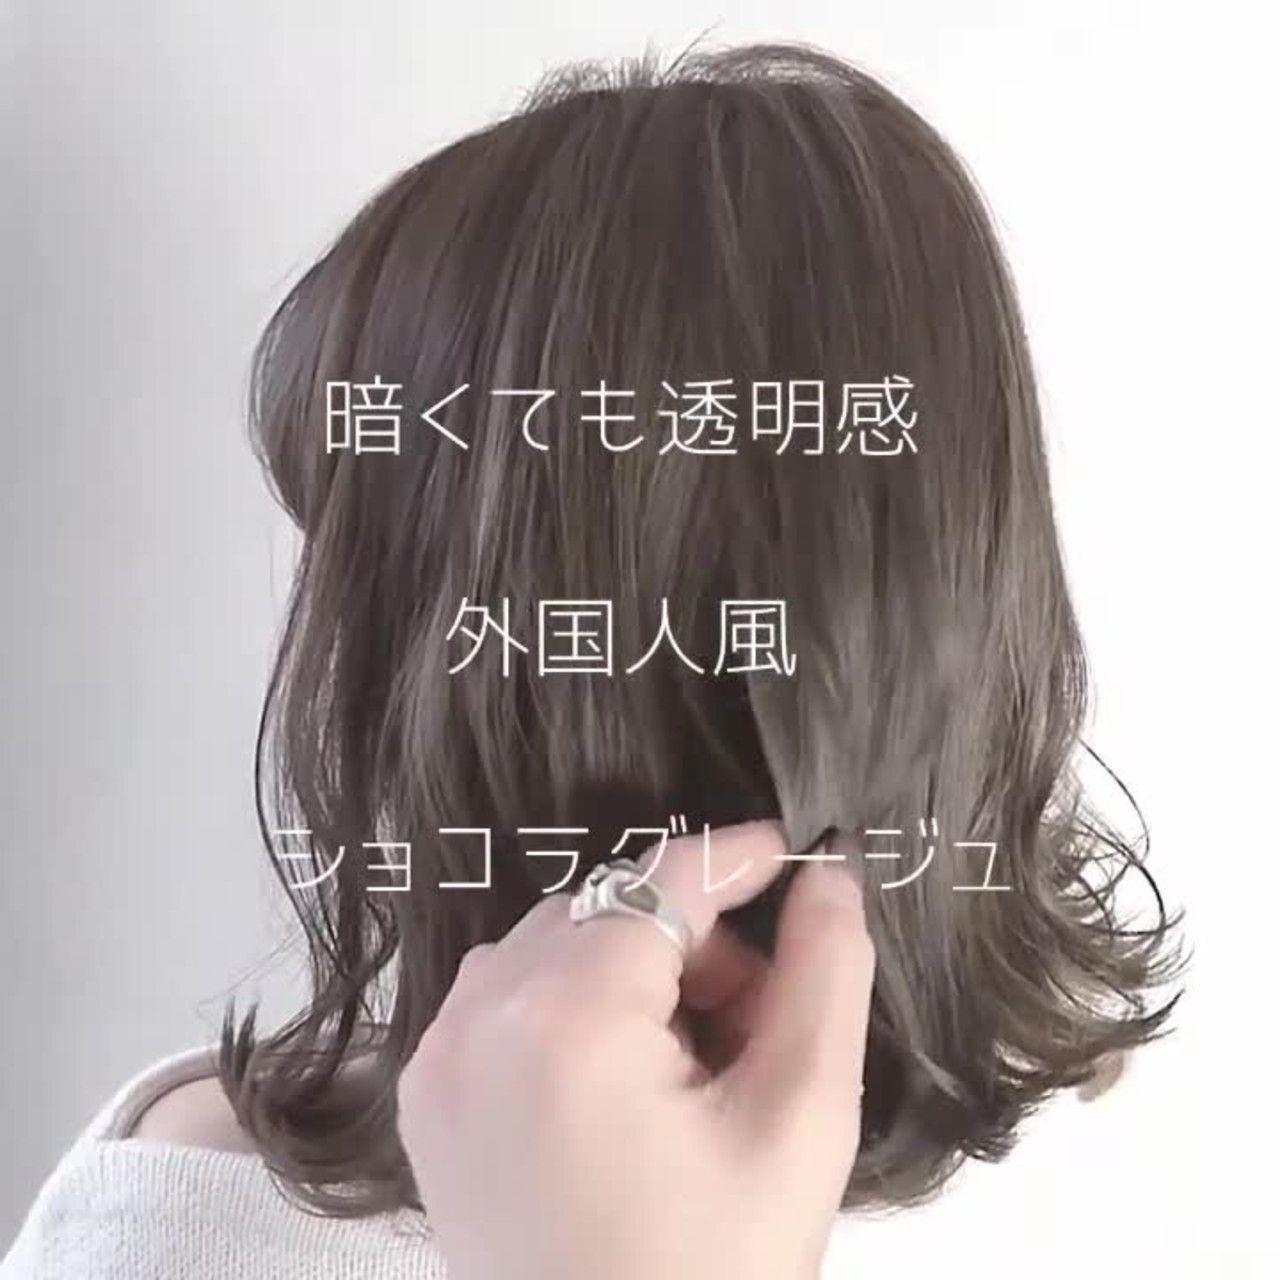 ショコラグレージュ ヘアスタイリング オンブレヘア 髪色 ハイライト